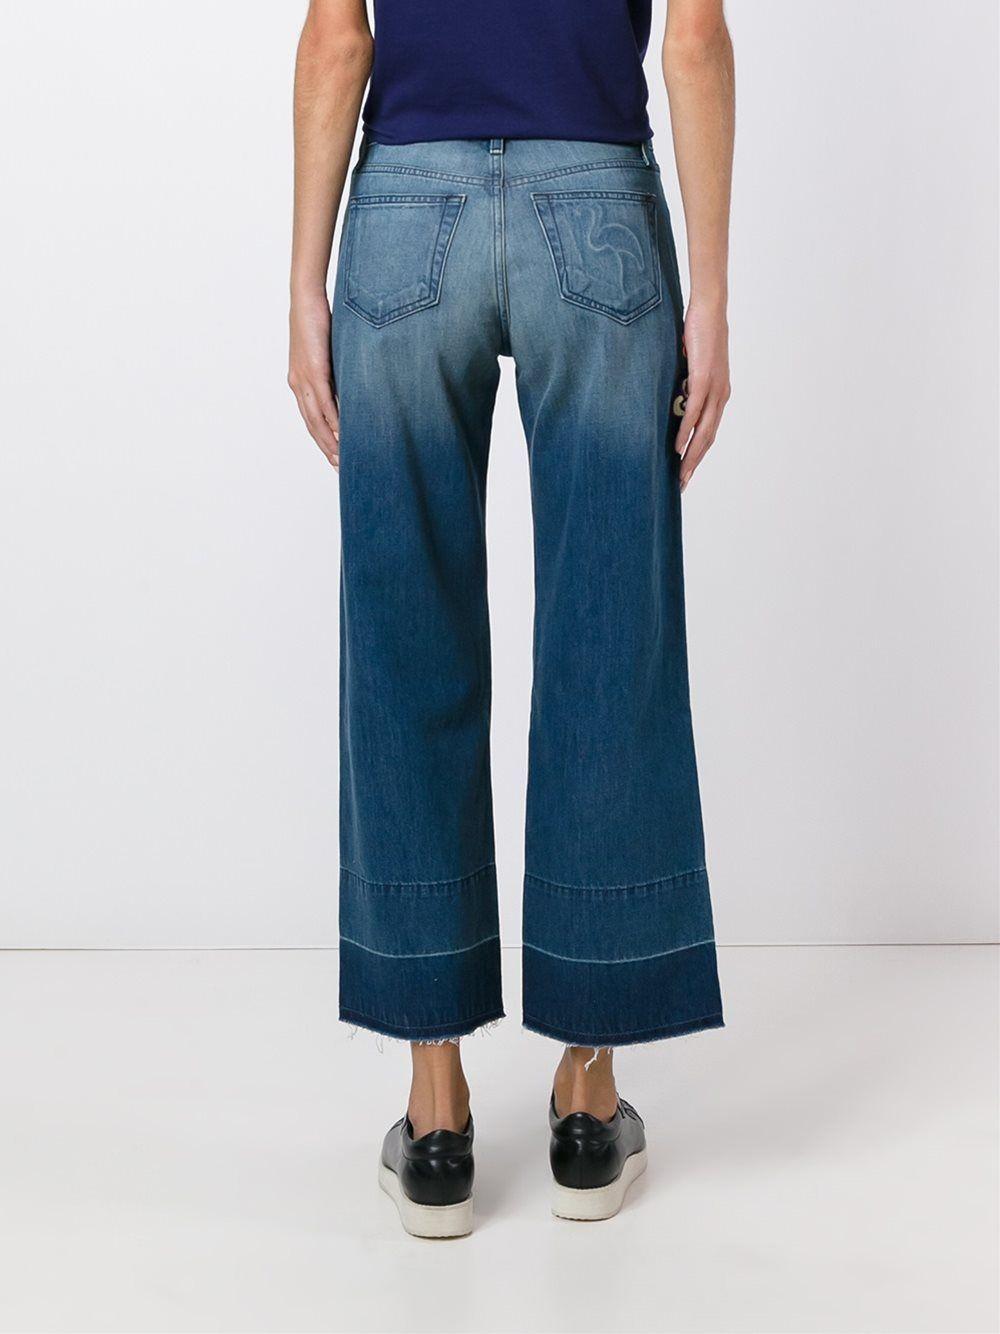 Sandrine Rose укороченные джинсы с цветочной вышивкой